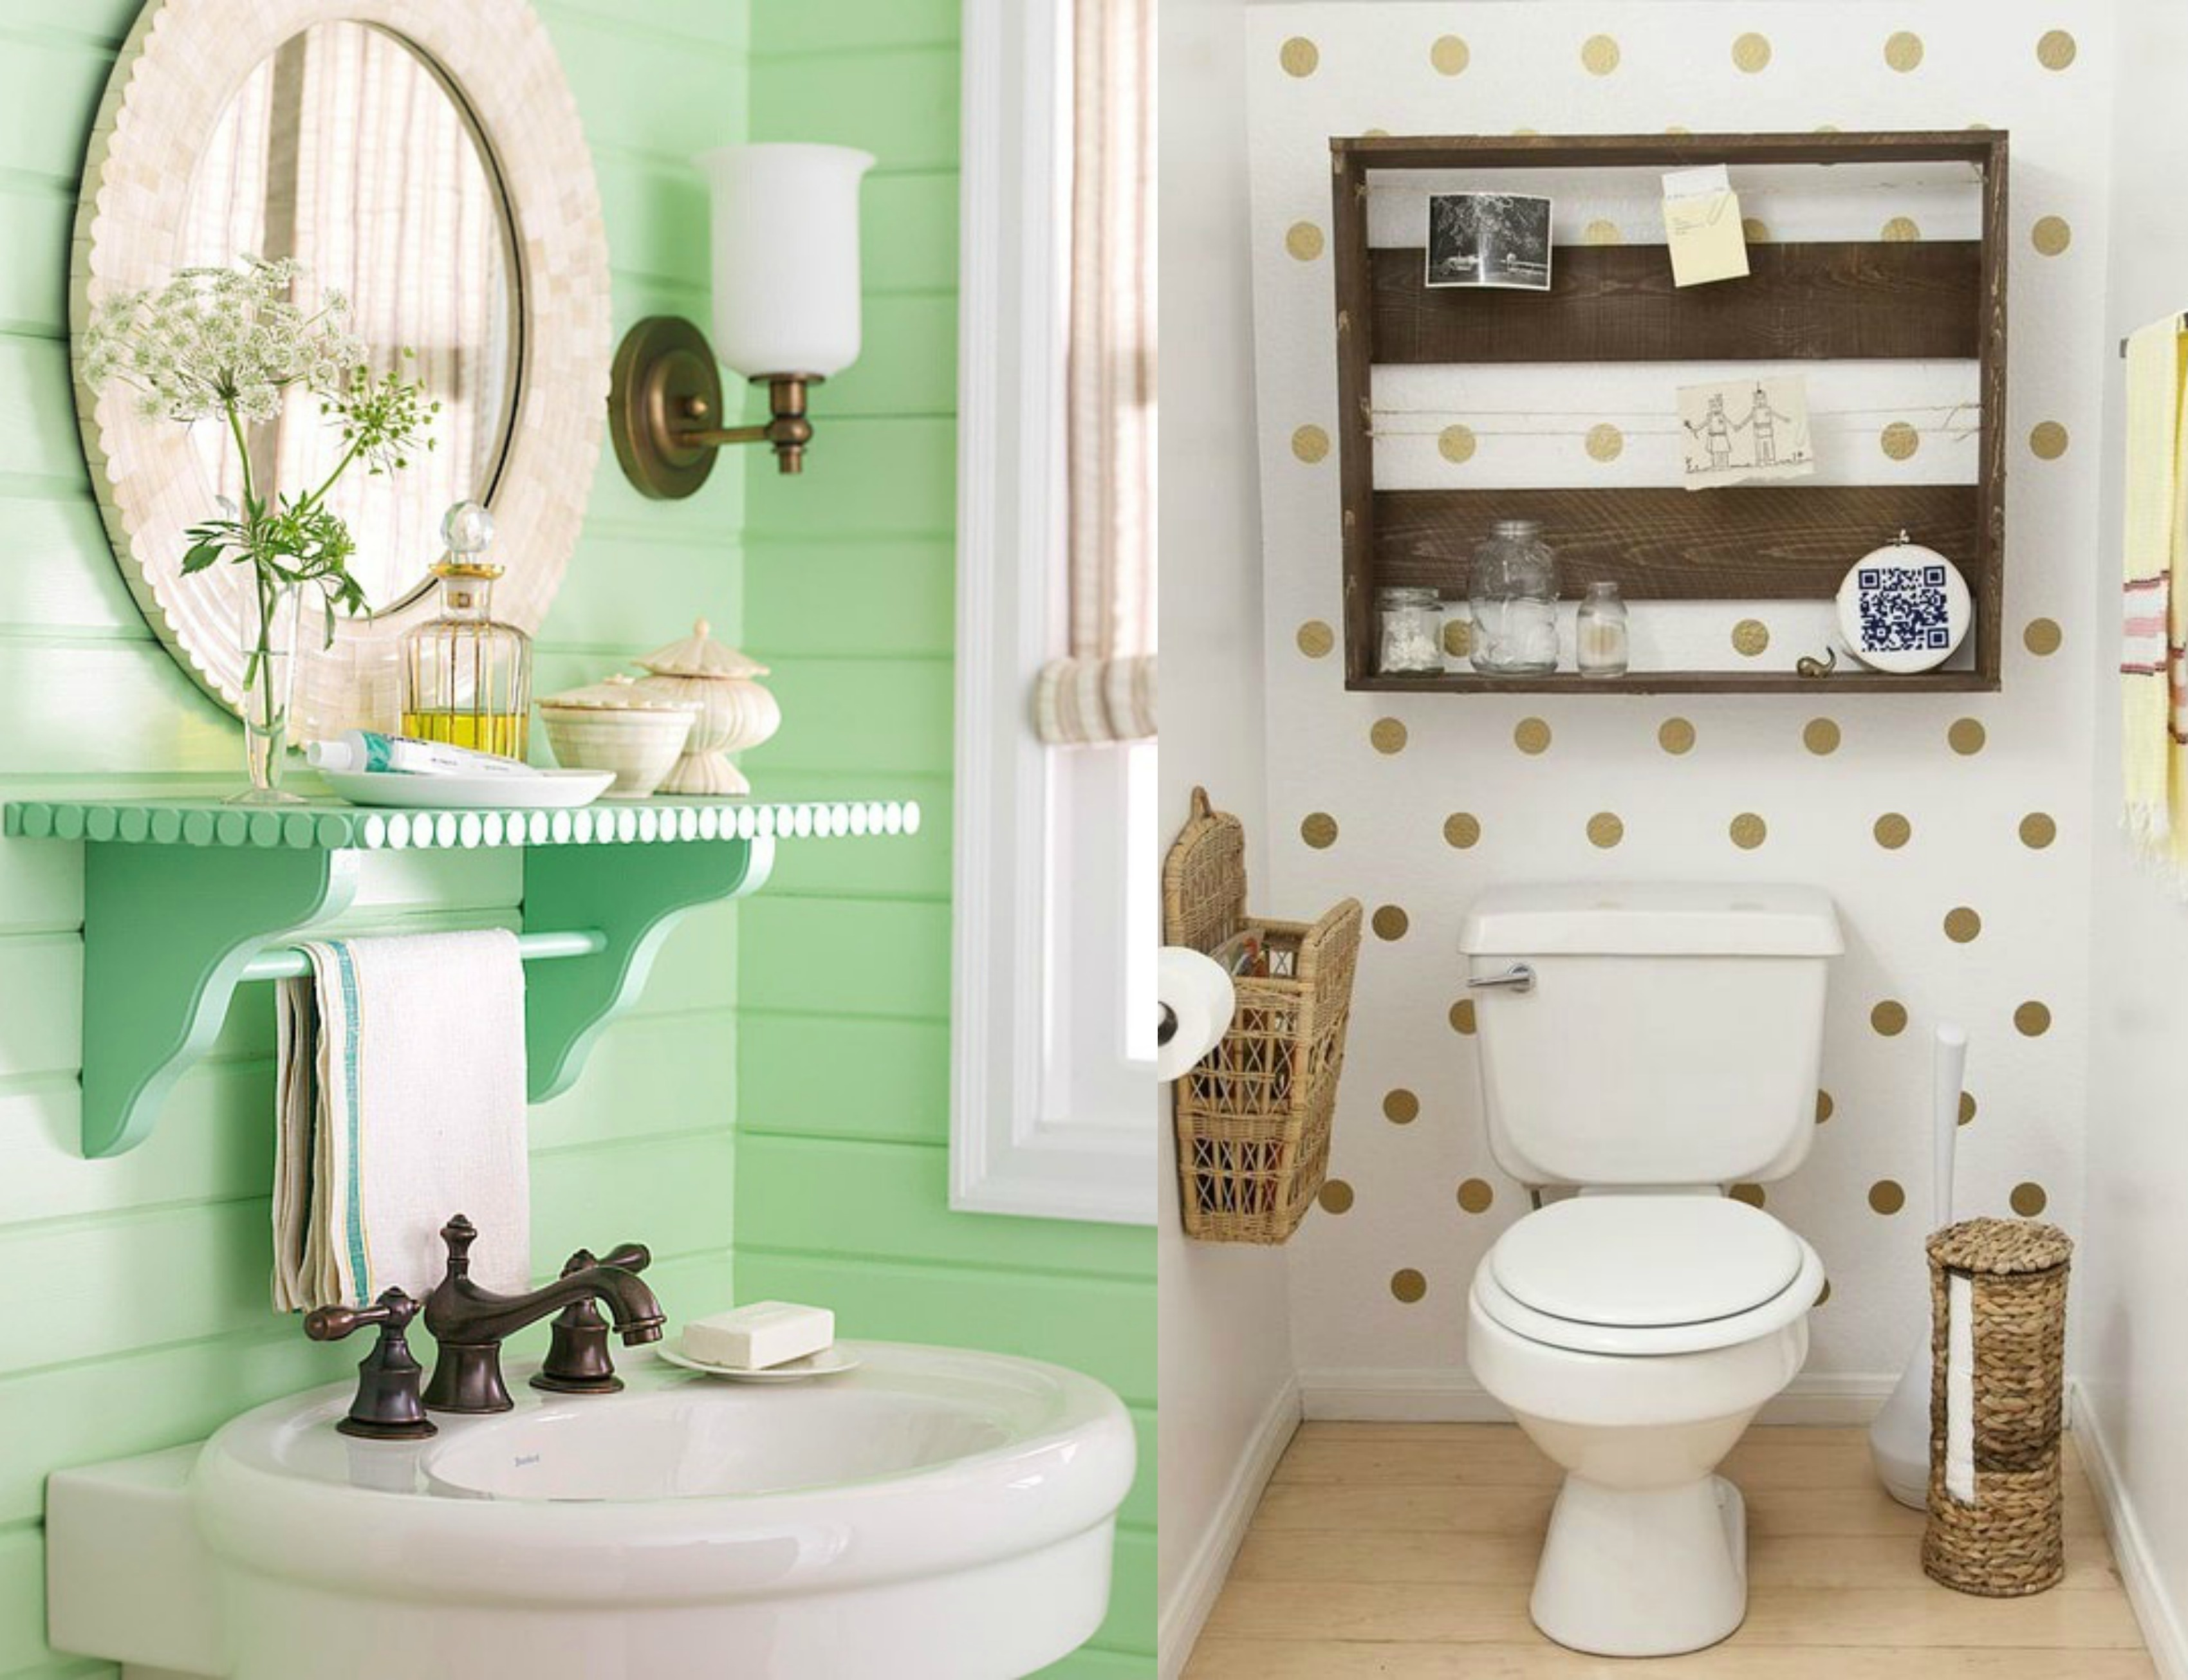 Otomes Criativas: 5 dicas de decoração para o banheiro #448757 3400 2611